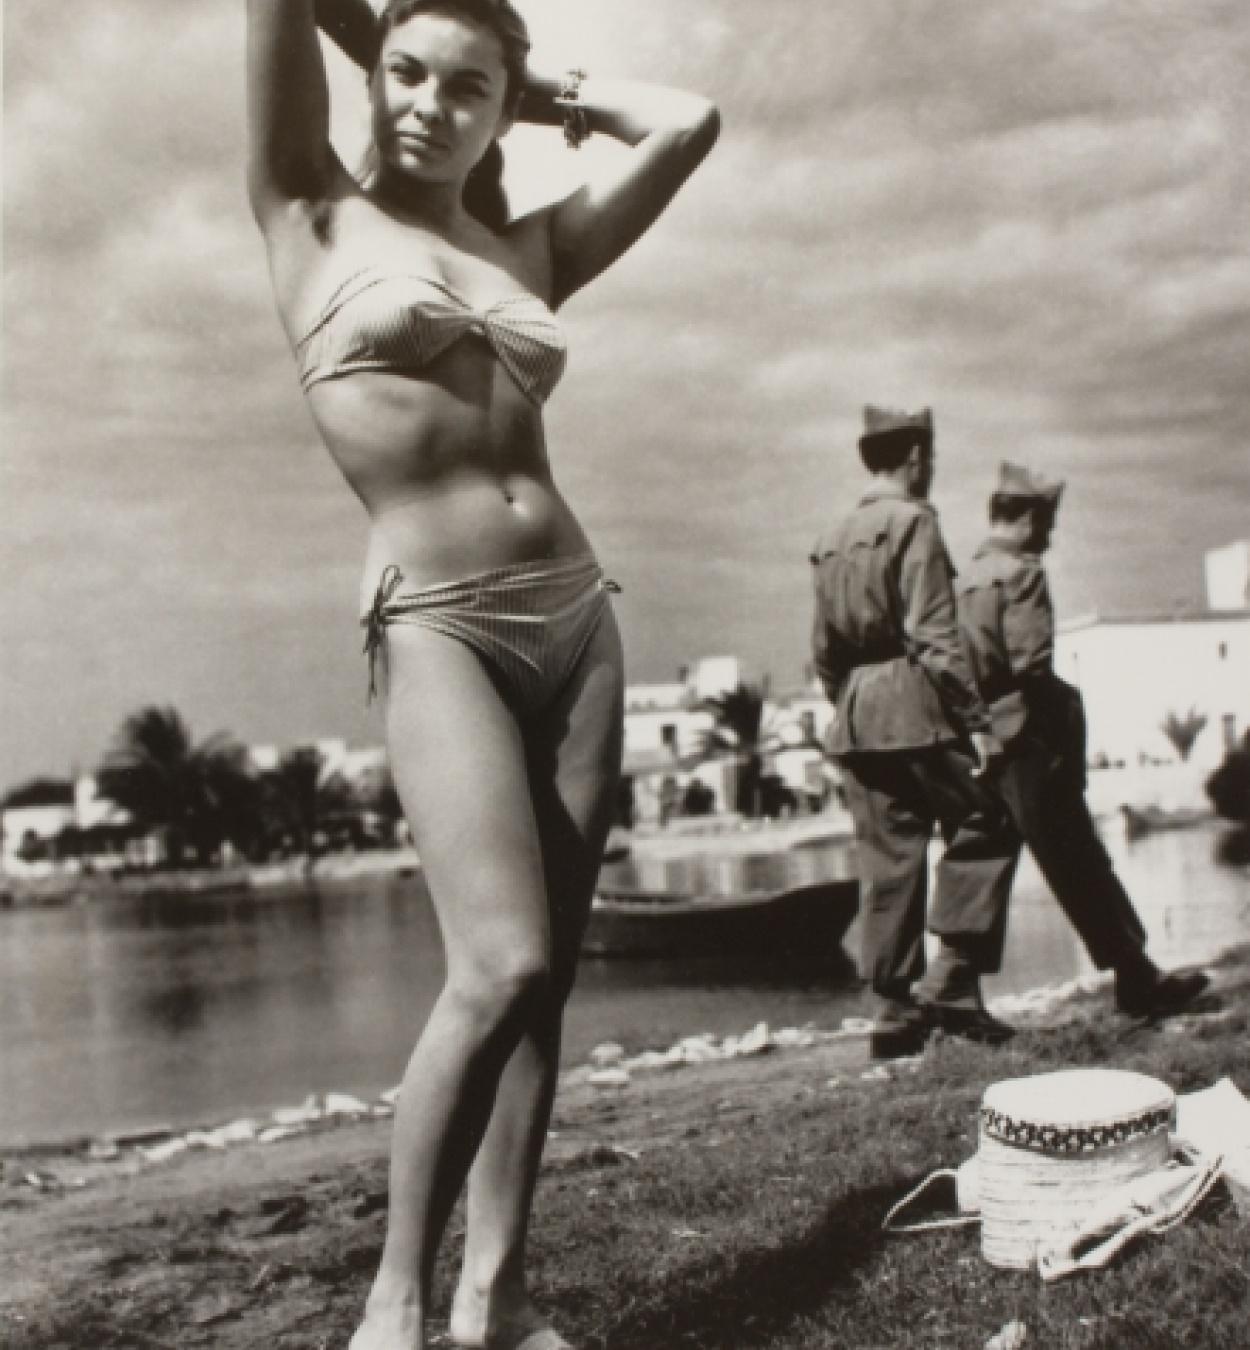 Oriol Maspons, Monique, primer biquini d'Eivissa, c. 1954. Museu Nacional d'Art de Catalunya, dipòsit de l'artista, 2011 © Arxiu Fotogràfic Oriol Maspons, VEGAP, Barcelona, 2019